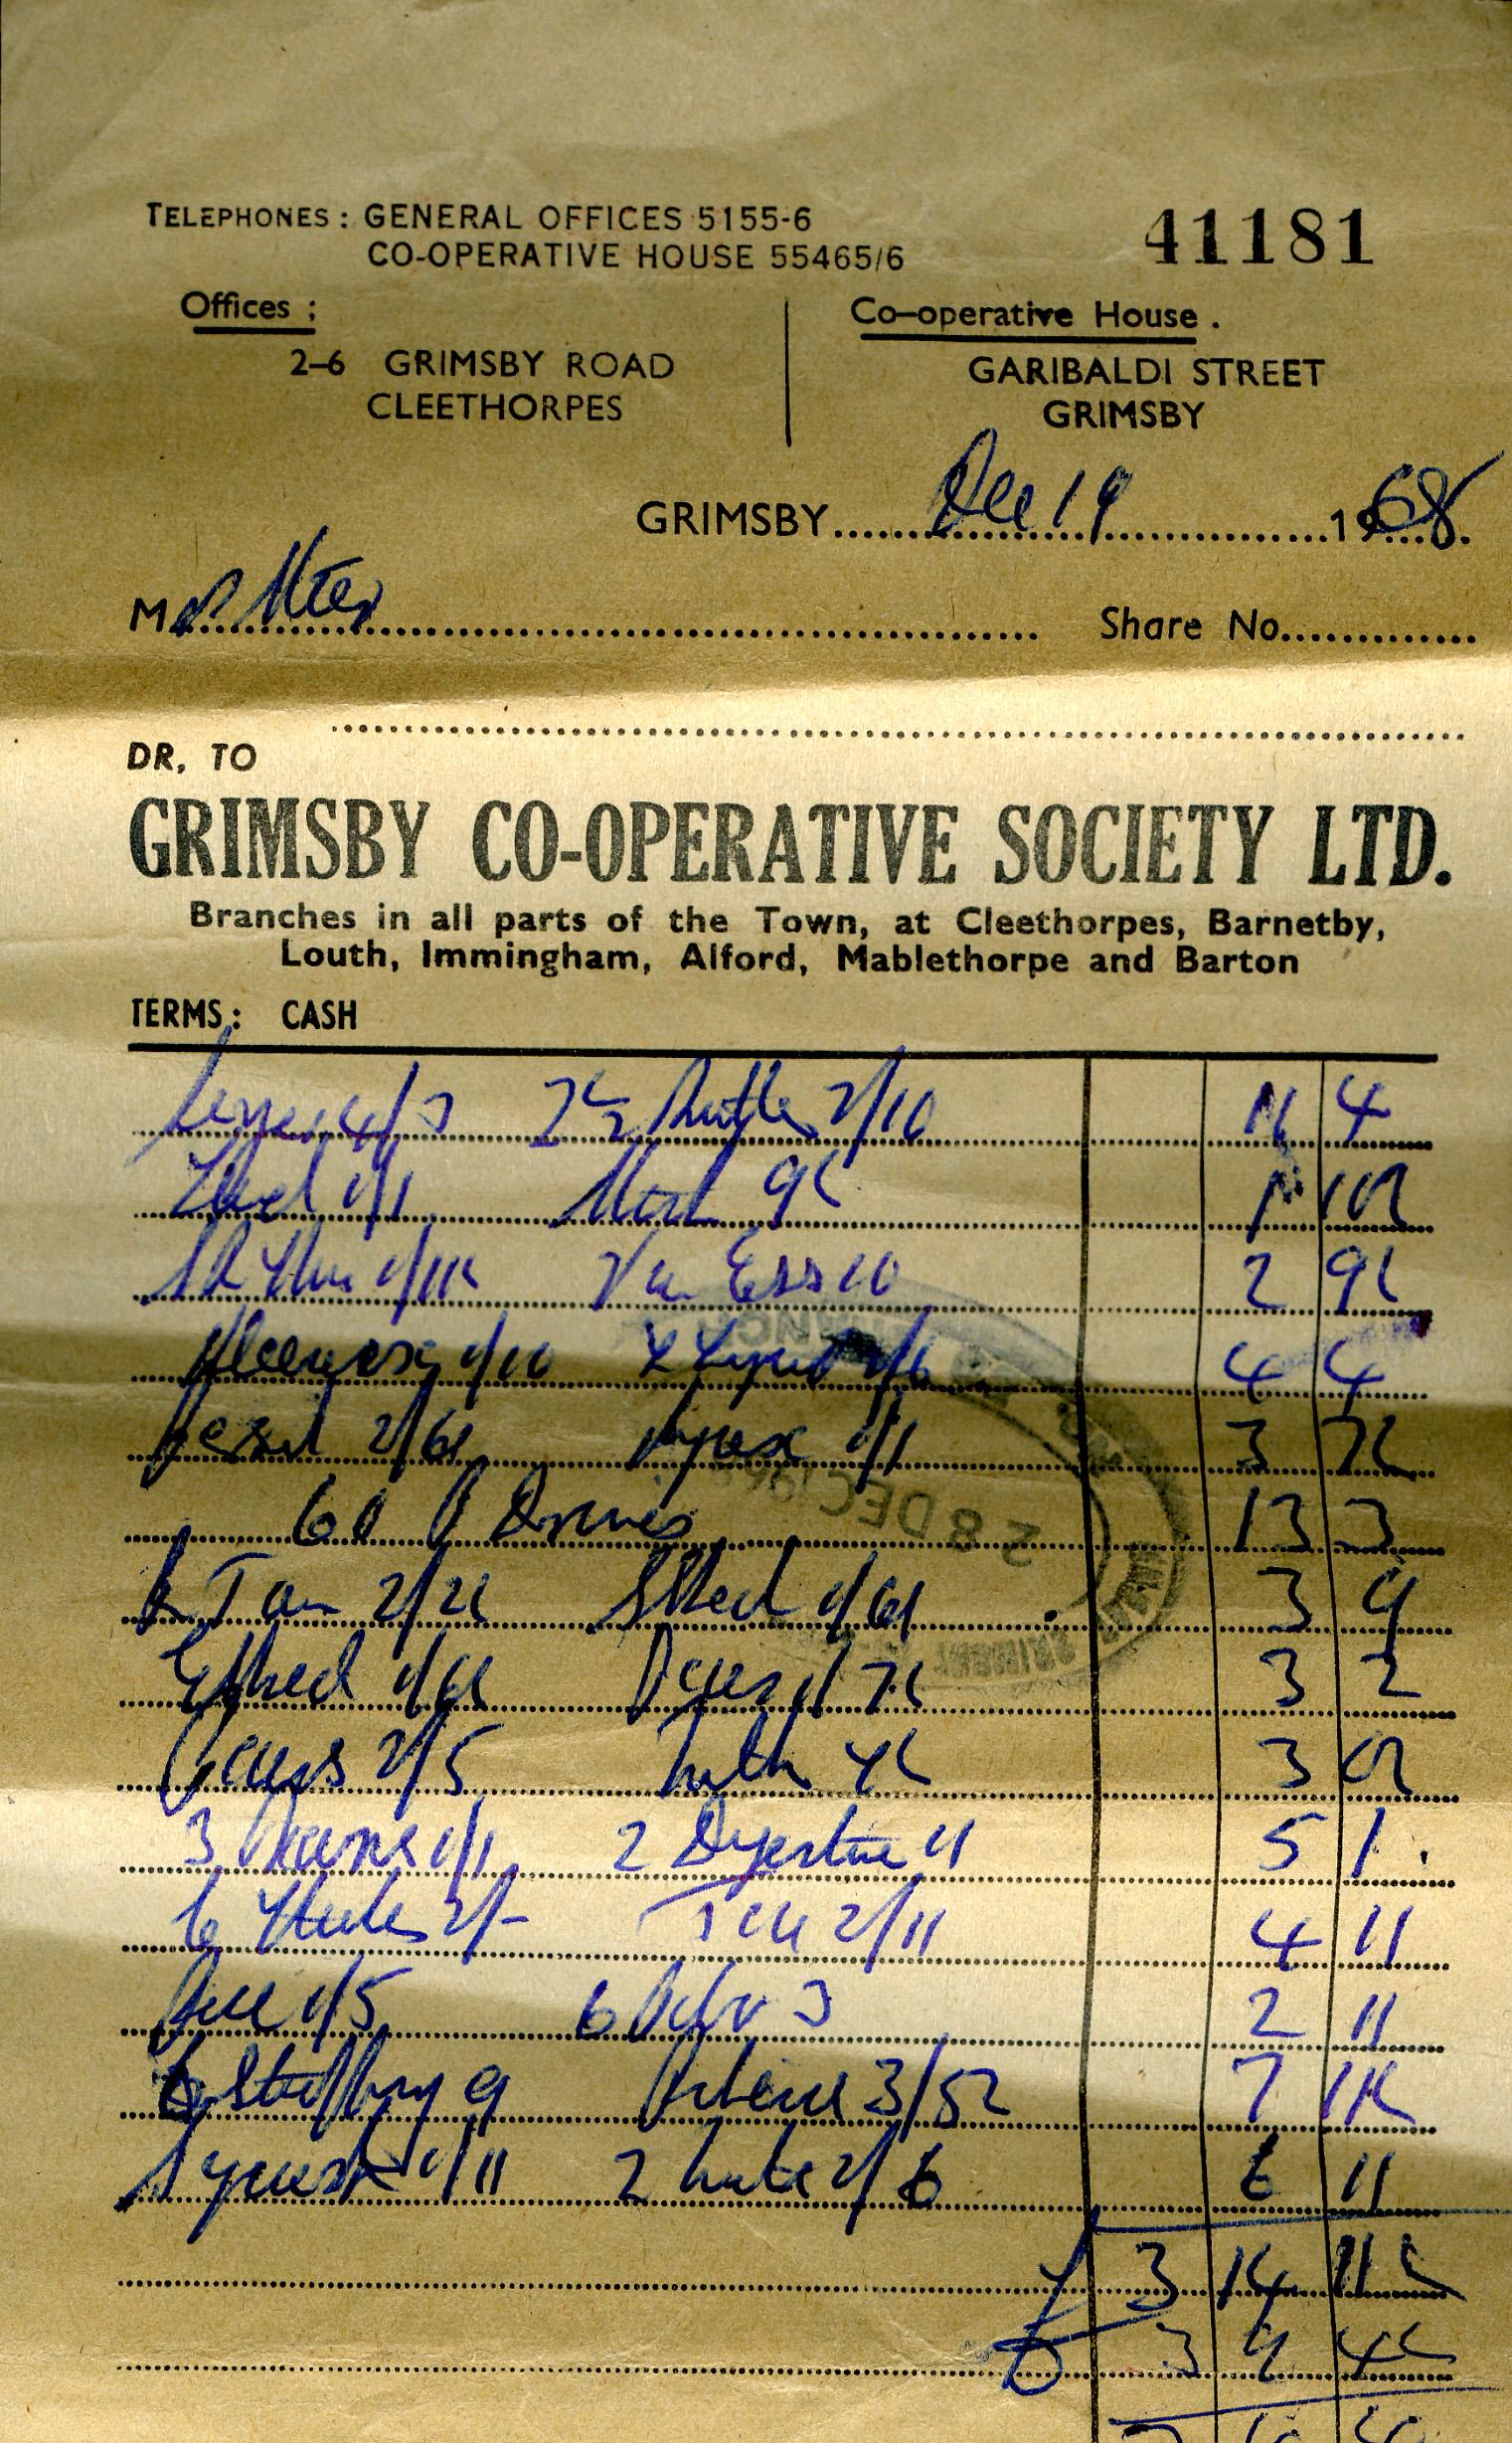 Invoice 18 Dec 1968.jpg